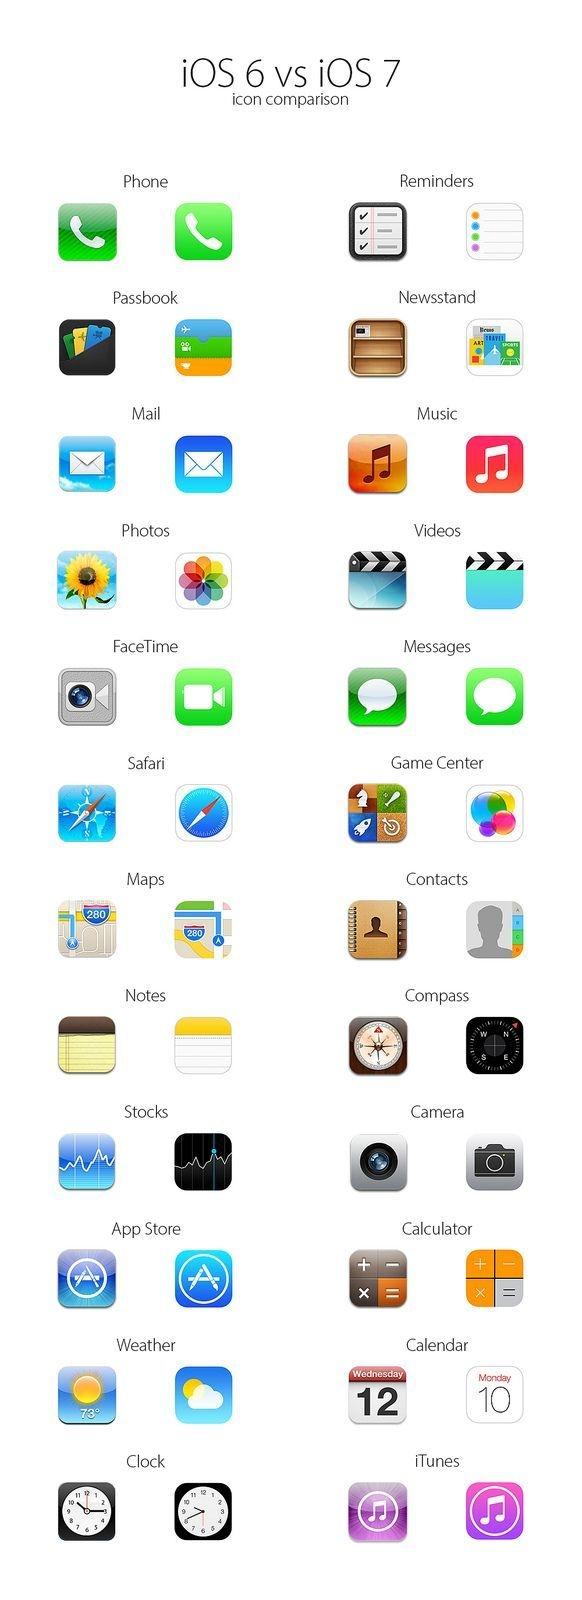 diferenças entre iOS 6 e iOS 7